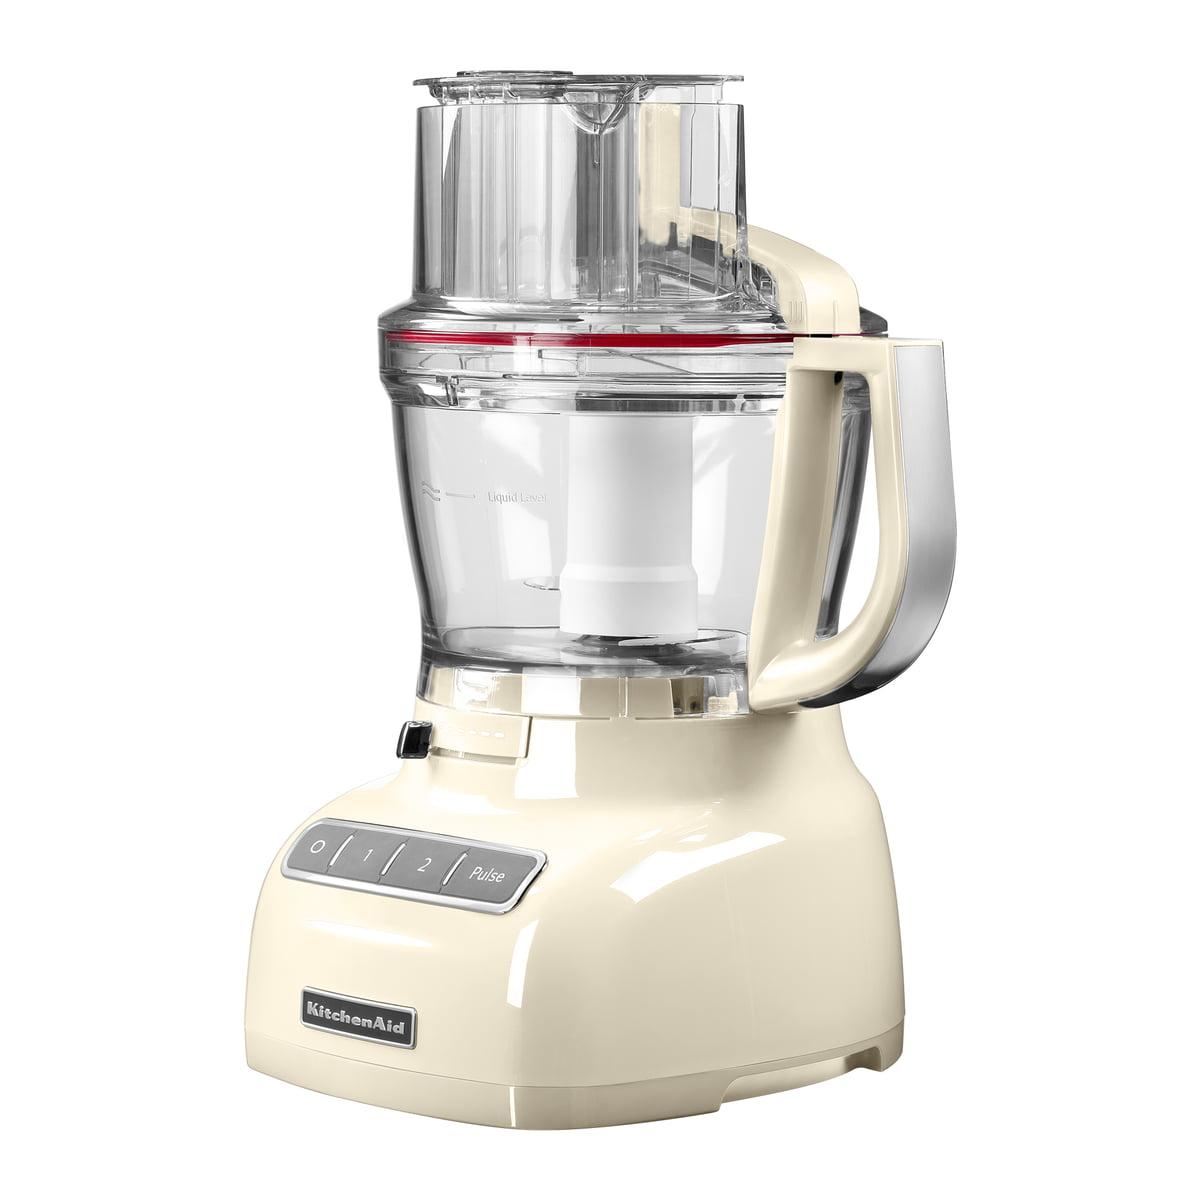 Litre Kitchenaid Food Processor